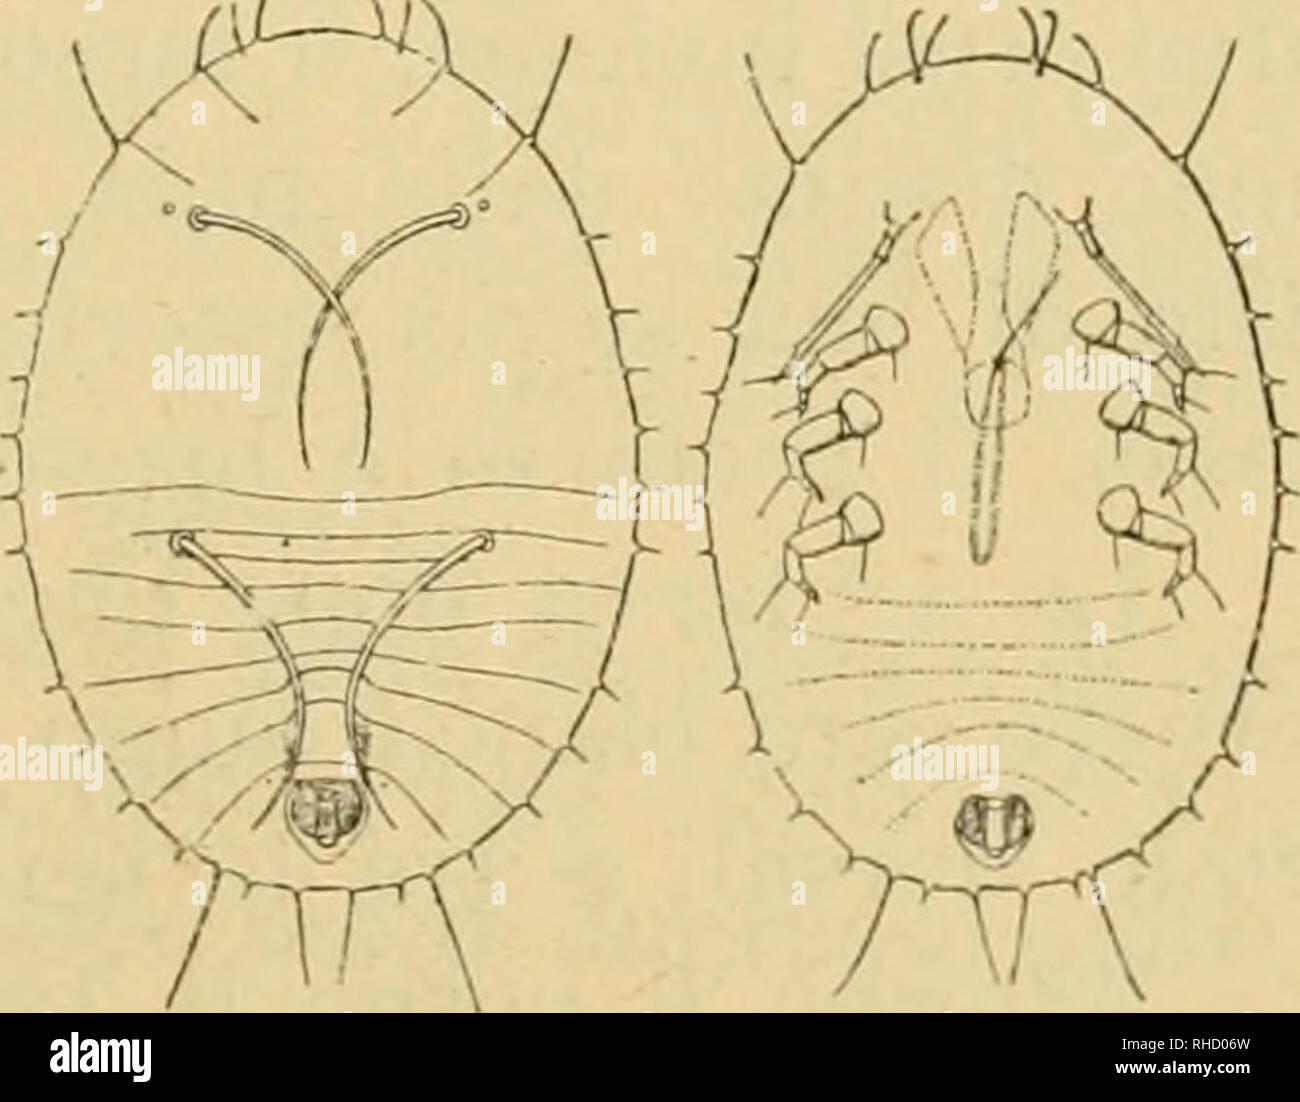 . Bollettino del Laboratorio di Zoologia generale e agraria della R. Scuola superiore d'agricoltura de Portici. Zoología; zoología, entomología económica;. Fig. IV. Ovo (molto Ingrandito). tutta reticolata. È lungo mm. 0,117-123 0,247-253 e largo. Larva I. Cil-^. La larva neonata è di colore fumoso, sprovvista di cera ed è lunga mm. 0,234 0,325 e larga; antenne zampe lunghe 0,074, con 0,061. Il suo corpo (Fig. V) è molto depresso, un contorno cuasi ellittico leggermente più stretto innanzi essendo che dietro Dorso con quattro lunghe setole sublaterali, delle cuali debido situar sulla parte posteriore Foto de stock